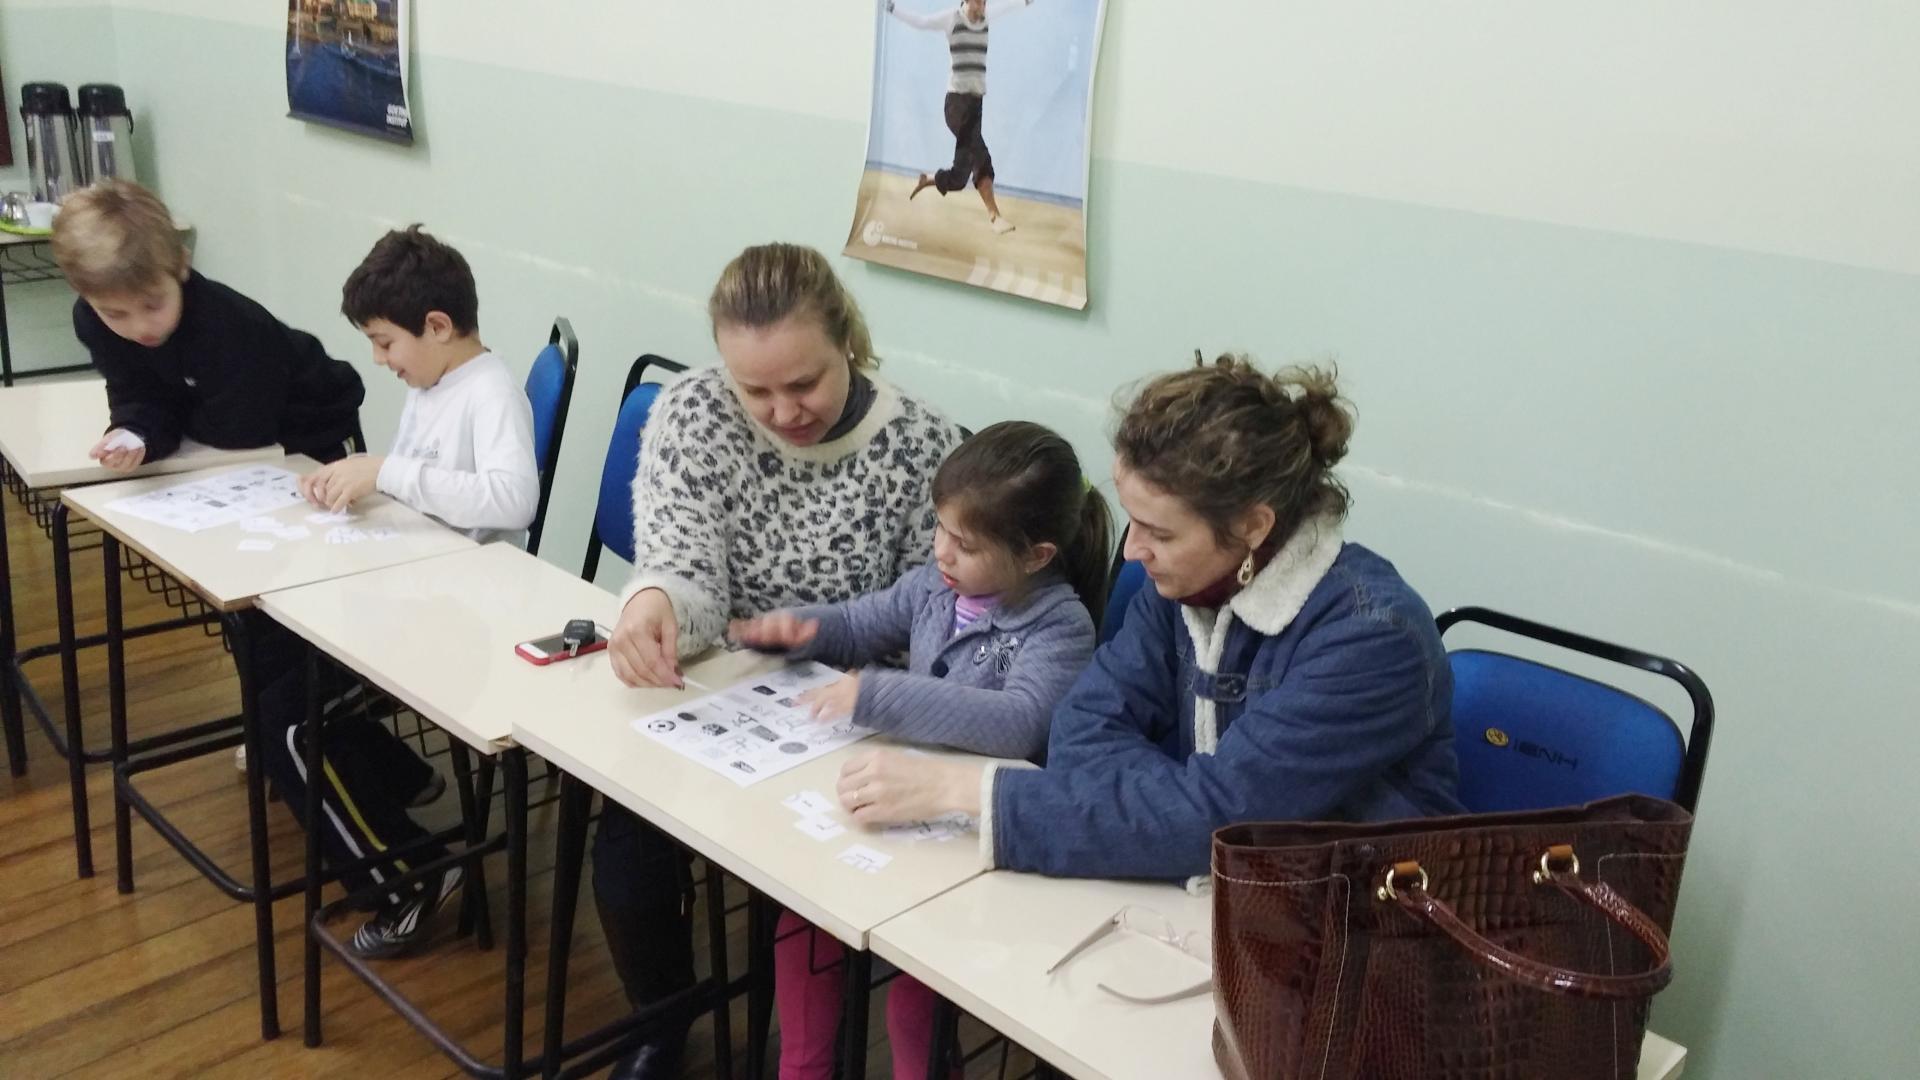 IENH Idiomas promove aulas abertas de Inglês, Espanhol e Alemão